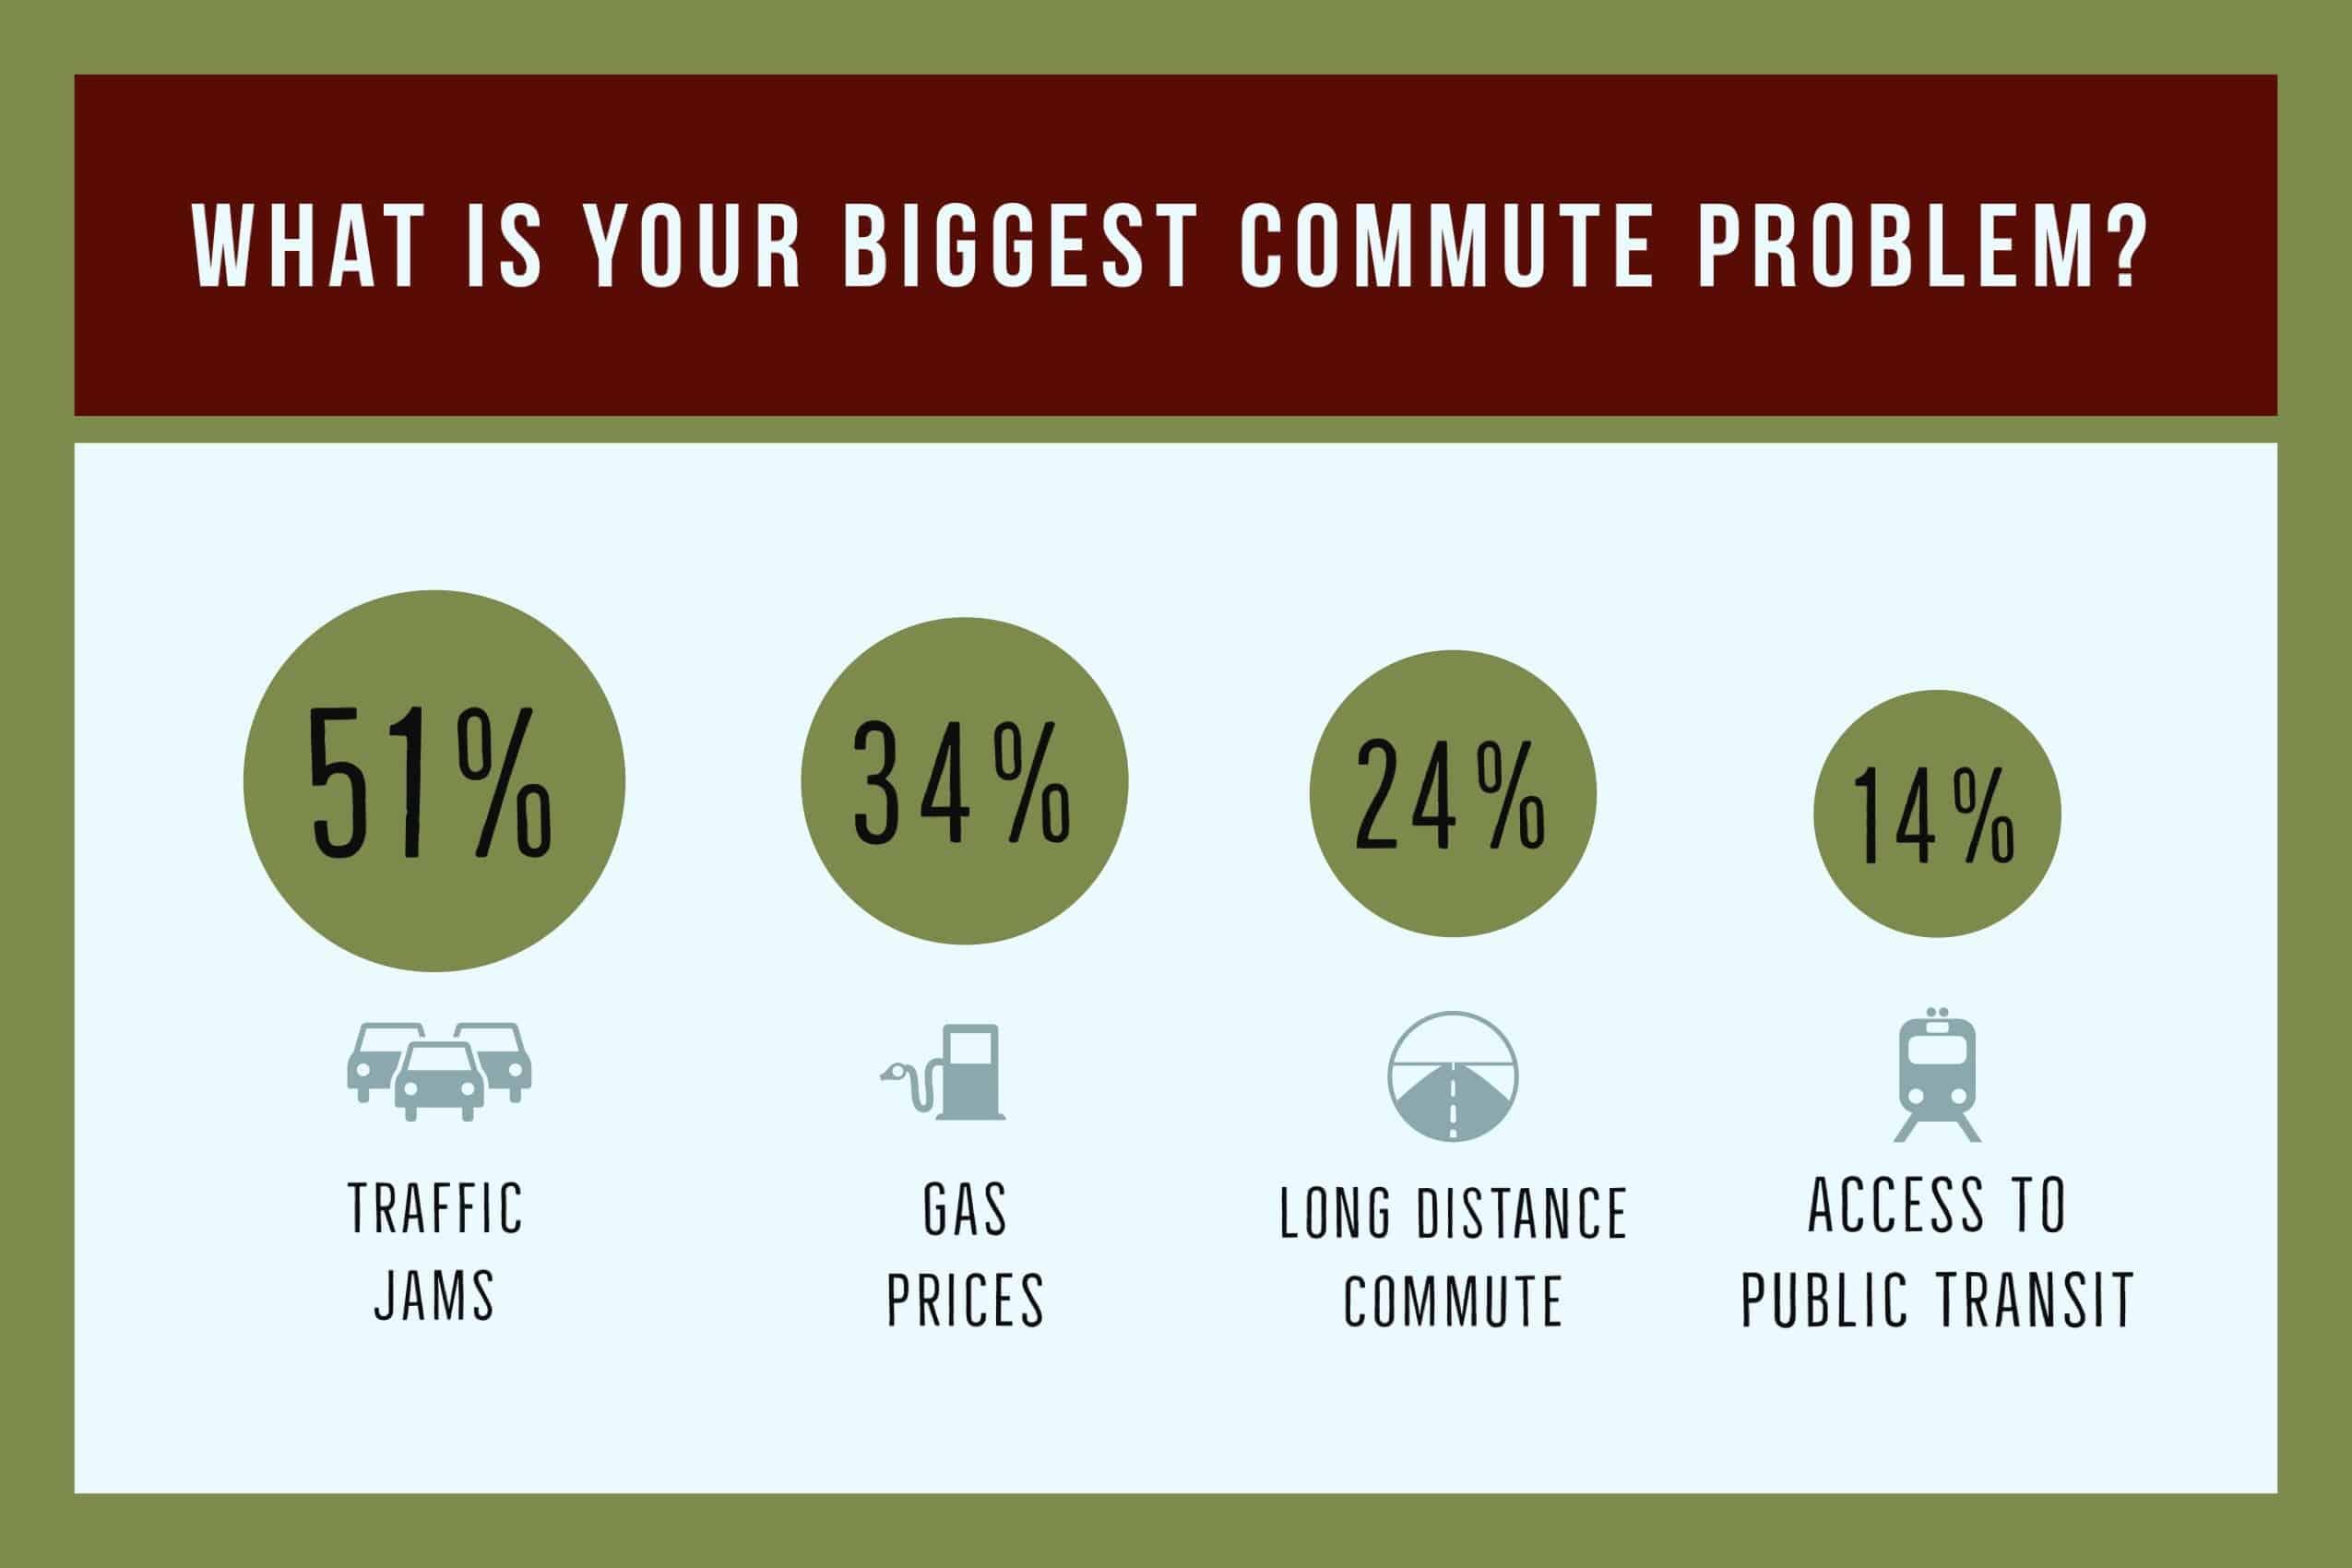 Biggest Commute Problem